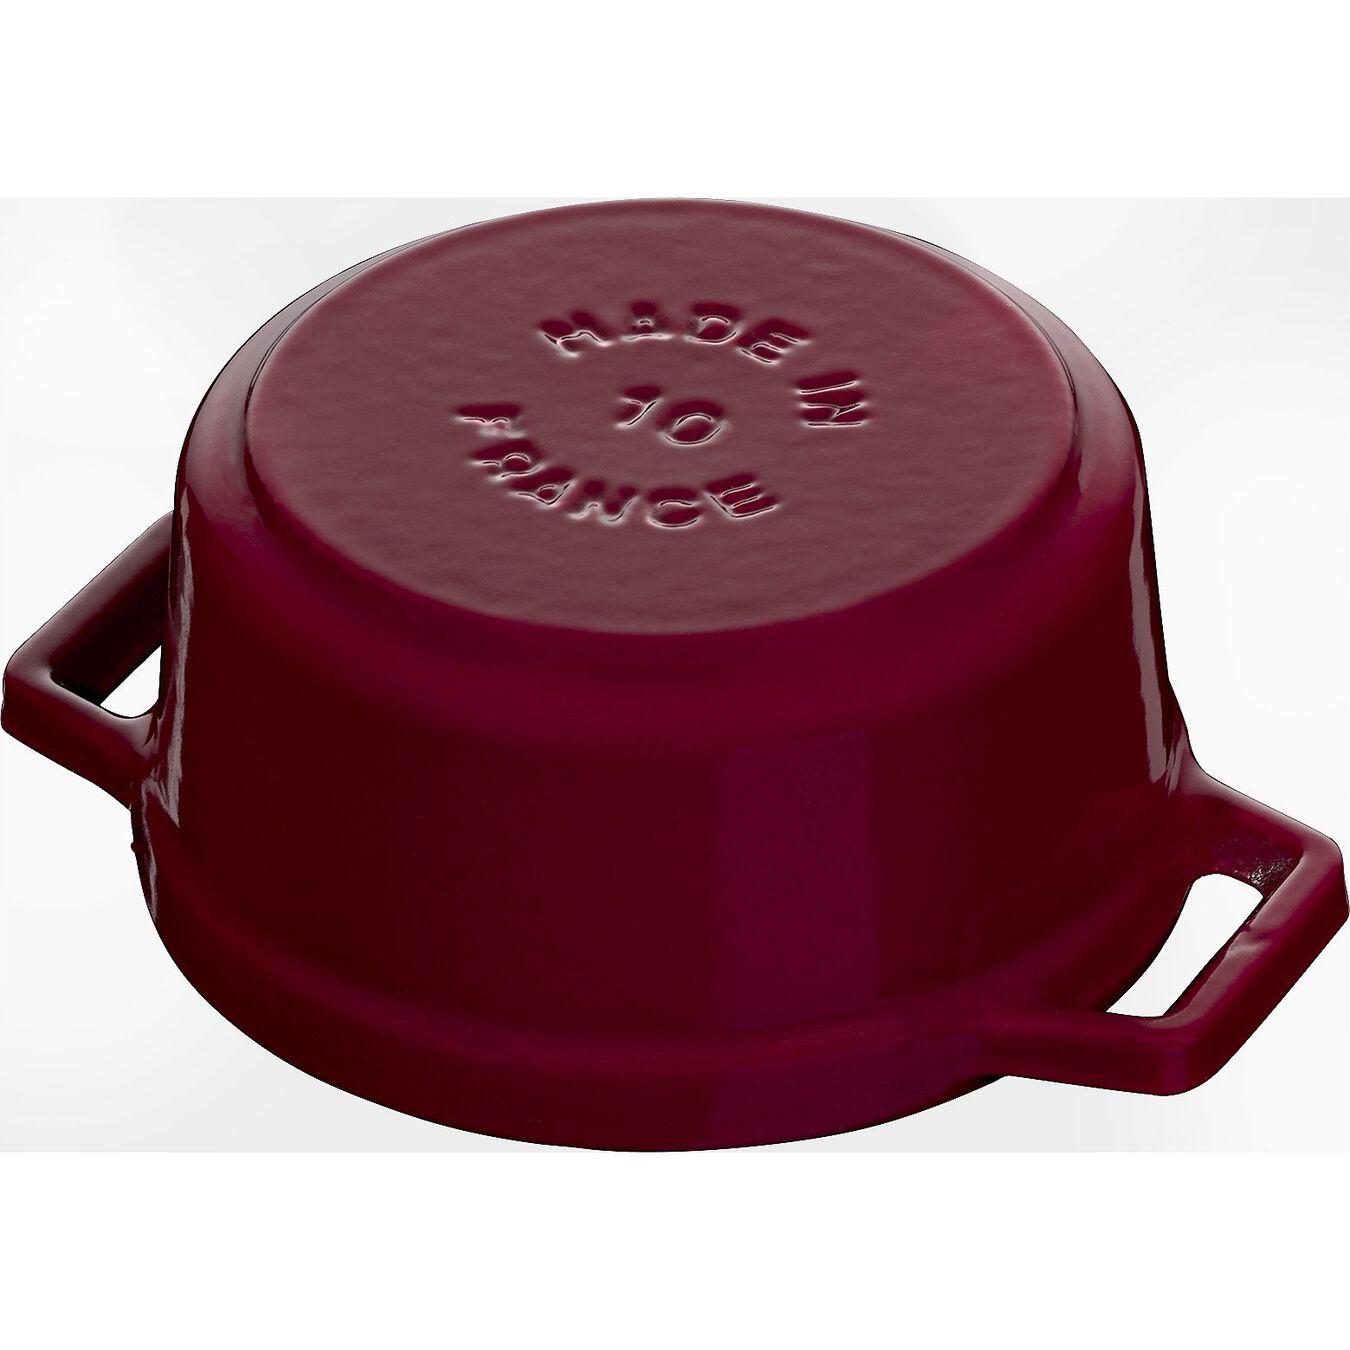 250 ml Cast iron round Mini Cocotte, Bordeaux,,large 4